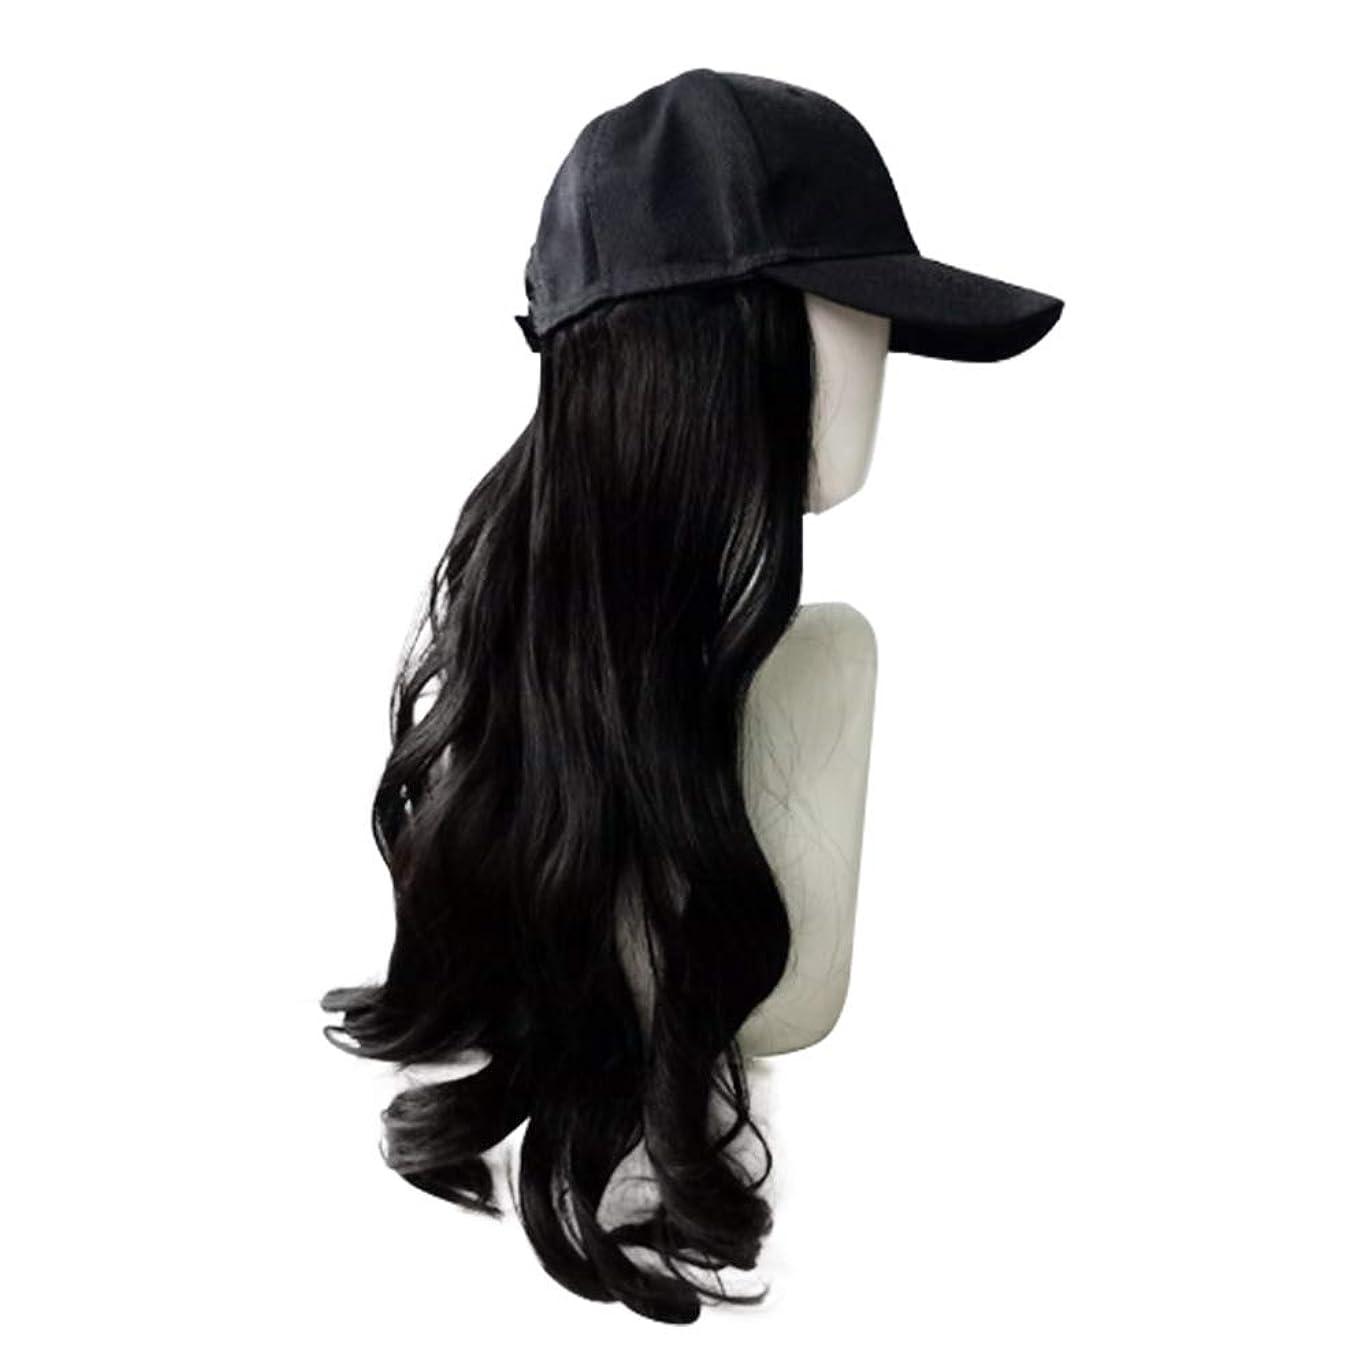 でる想像力豊かなスチュワード長い黒のかつら、帽子かつらシンプルなかつらファッションかつらキャップ自然なかつら女性の耐熱性のための長い波状の合成かつら